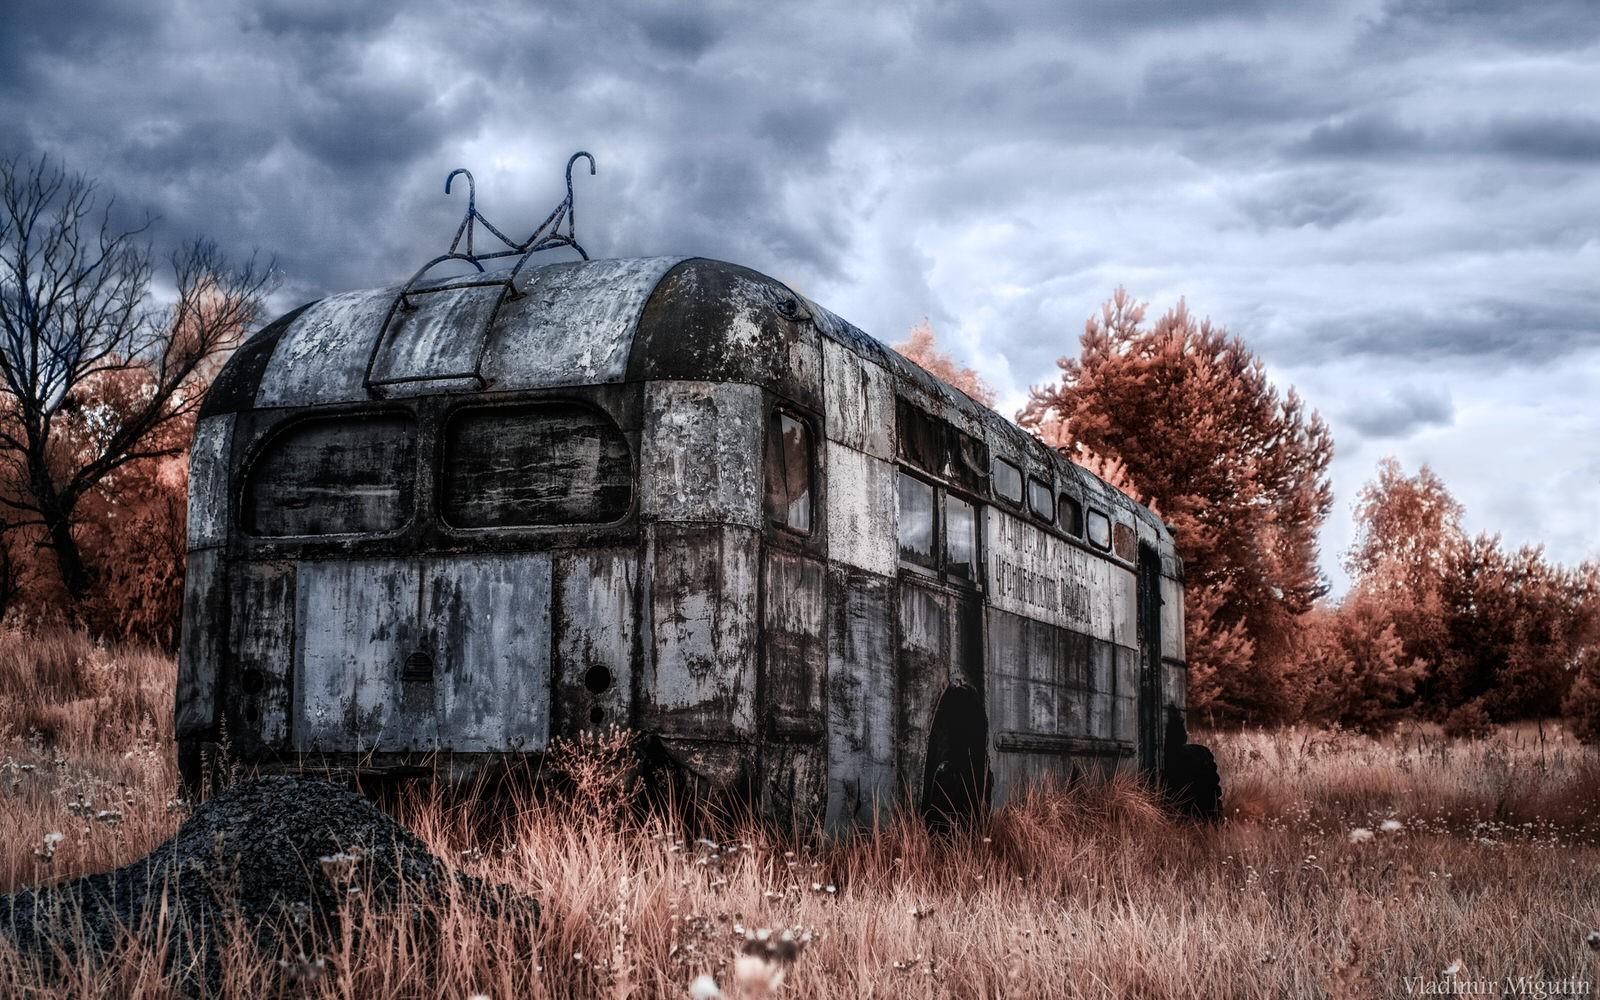 Một chiếc xe bus nằm ở bãi phế liệu